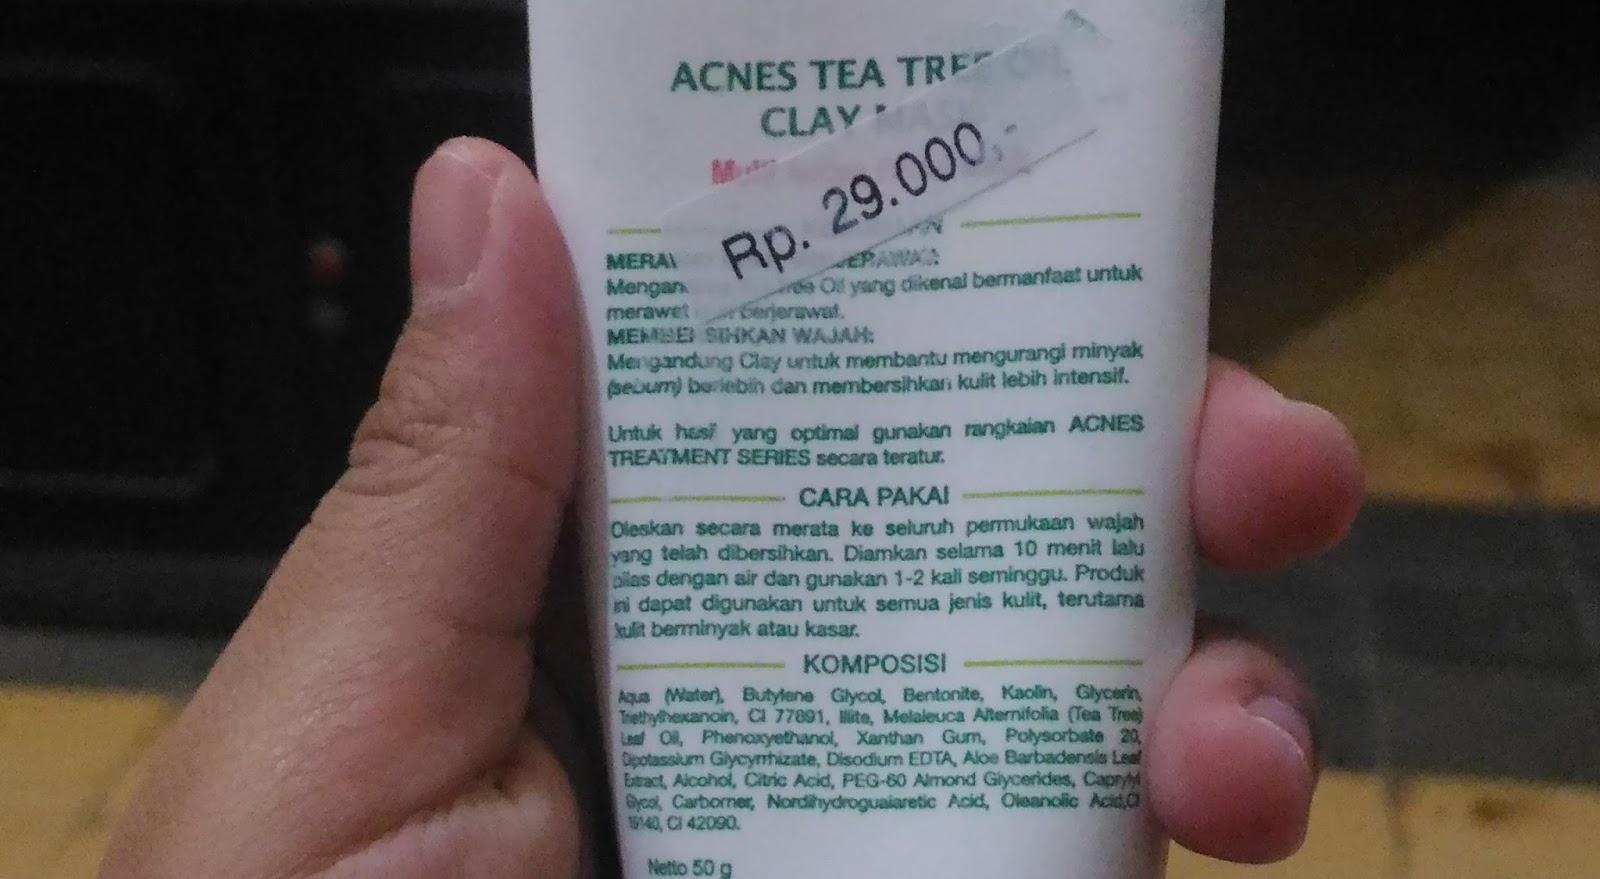 Review Acnes Tea Tree Oil Clay Mask 50g Sayangnya Sih Produk Ini Masih Ada Kandungan Alkoholnya Meskipun Nggak Sering Saya Pake Alkohol Kan Kurang Ramah Untuk Pemilik Kulit